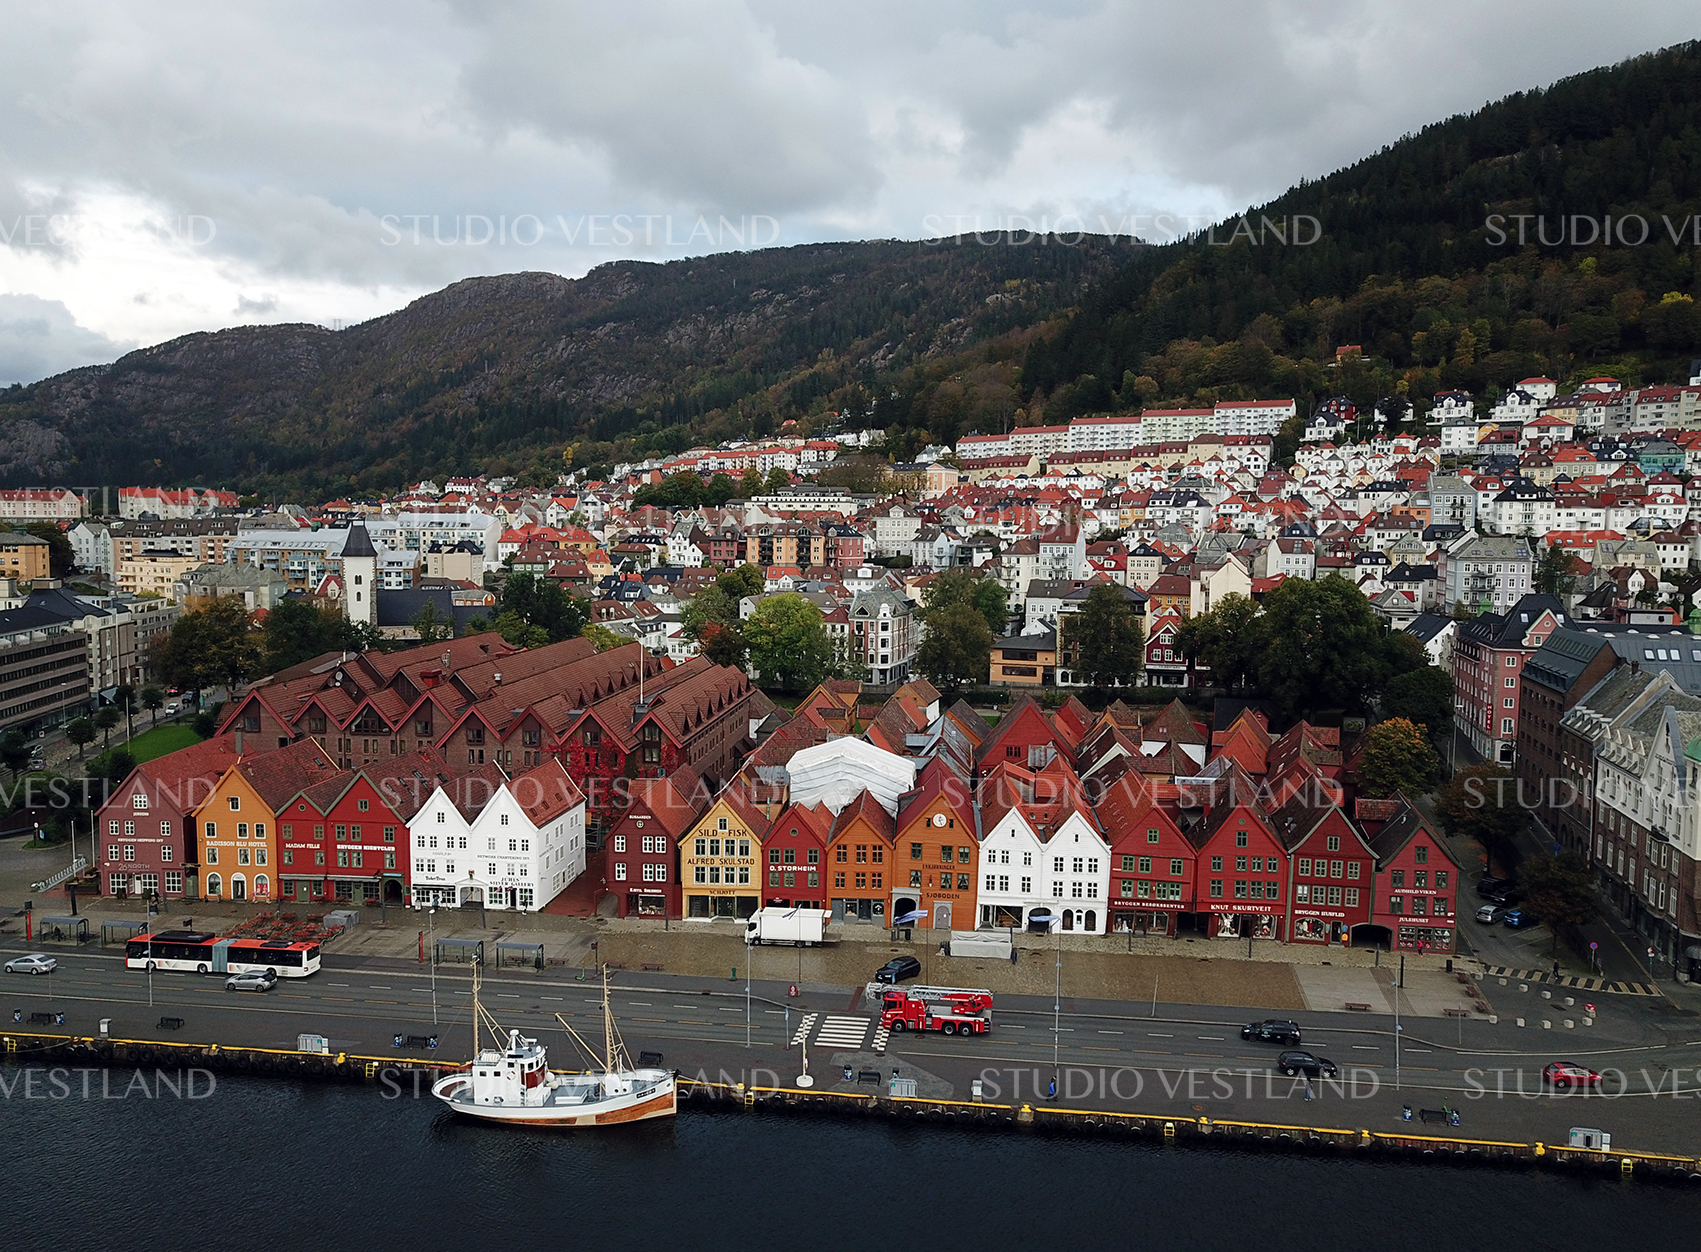 Studio Vestland - Bergen 20